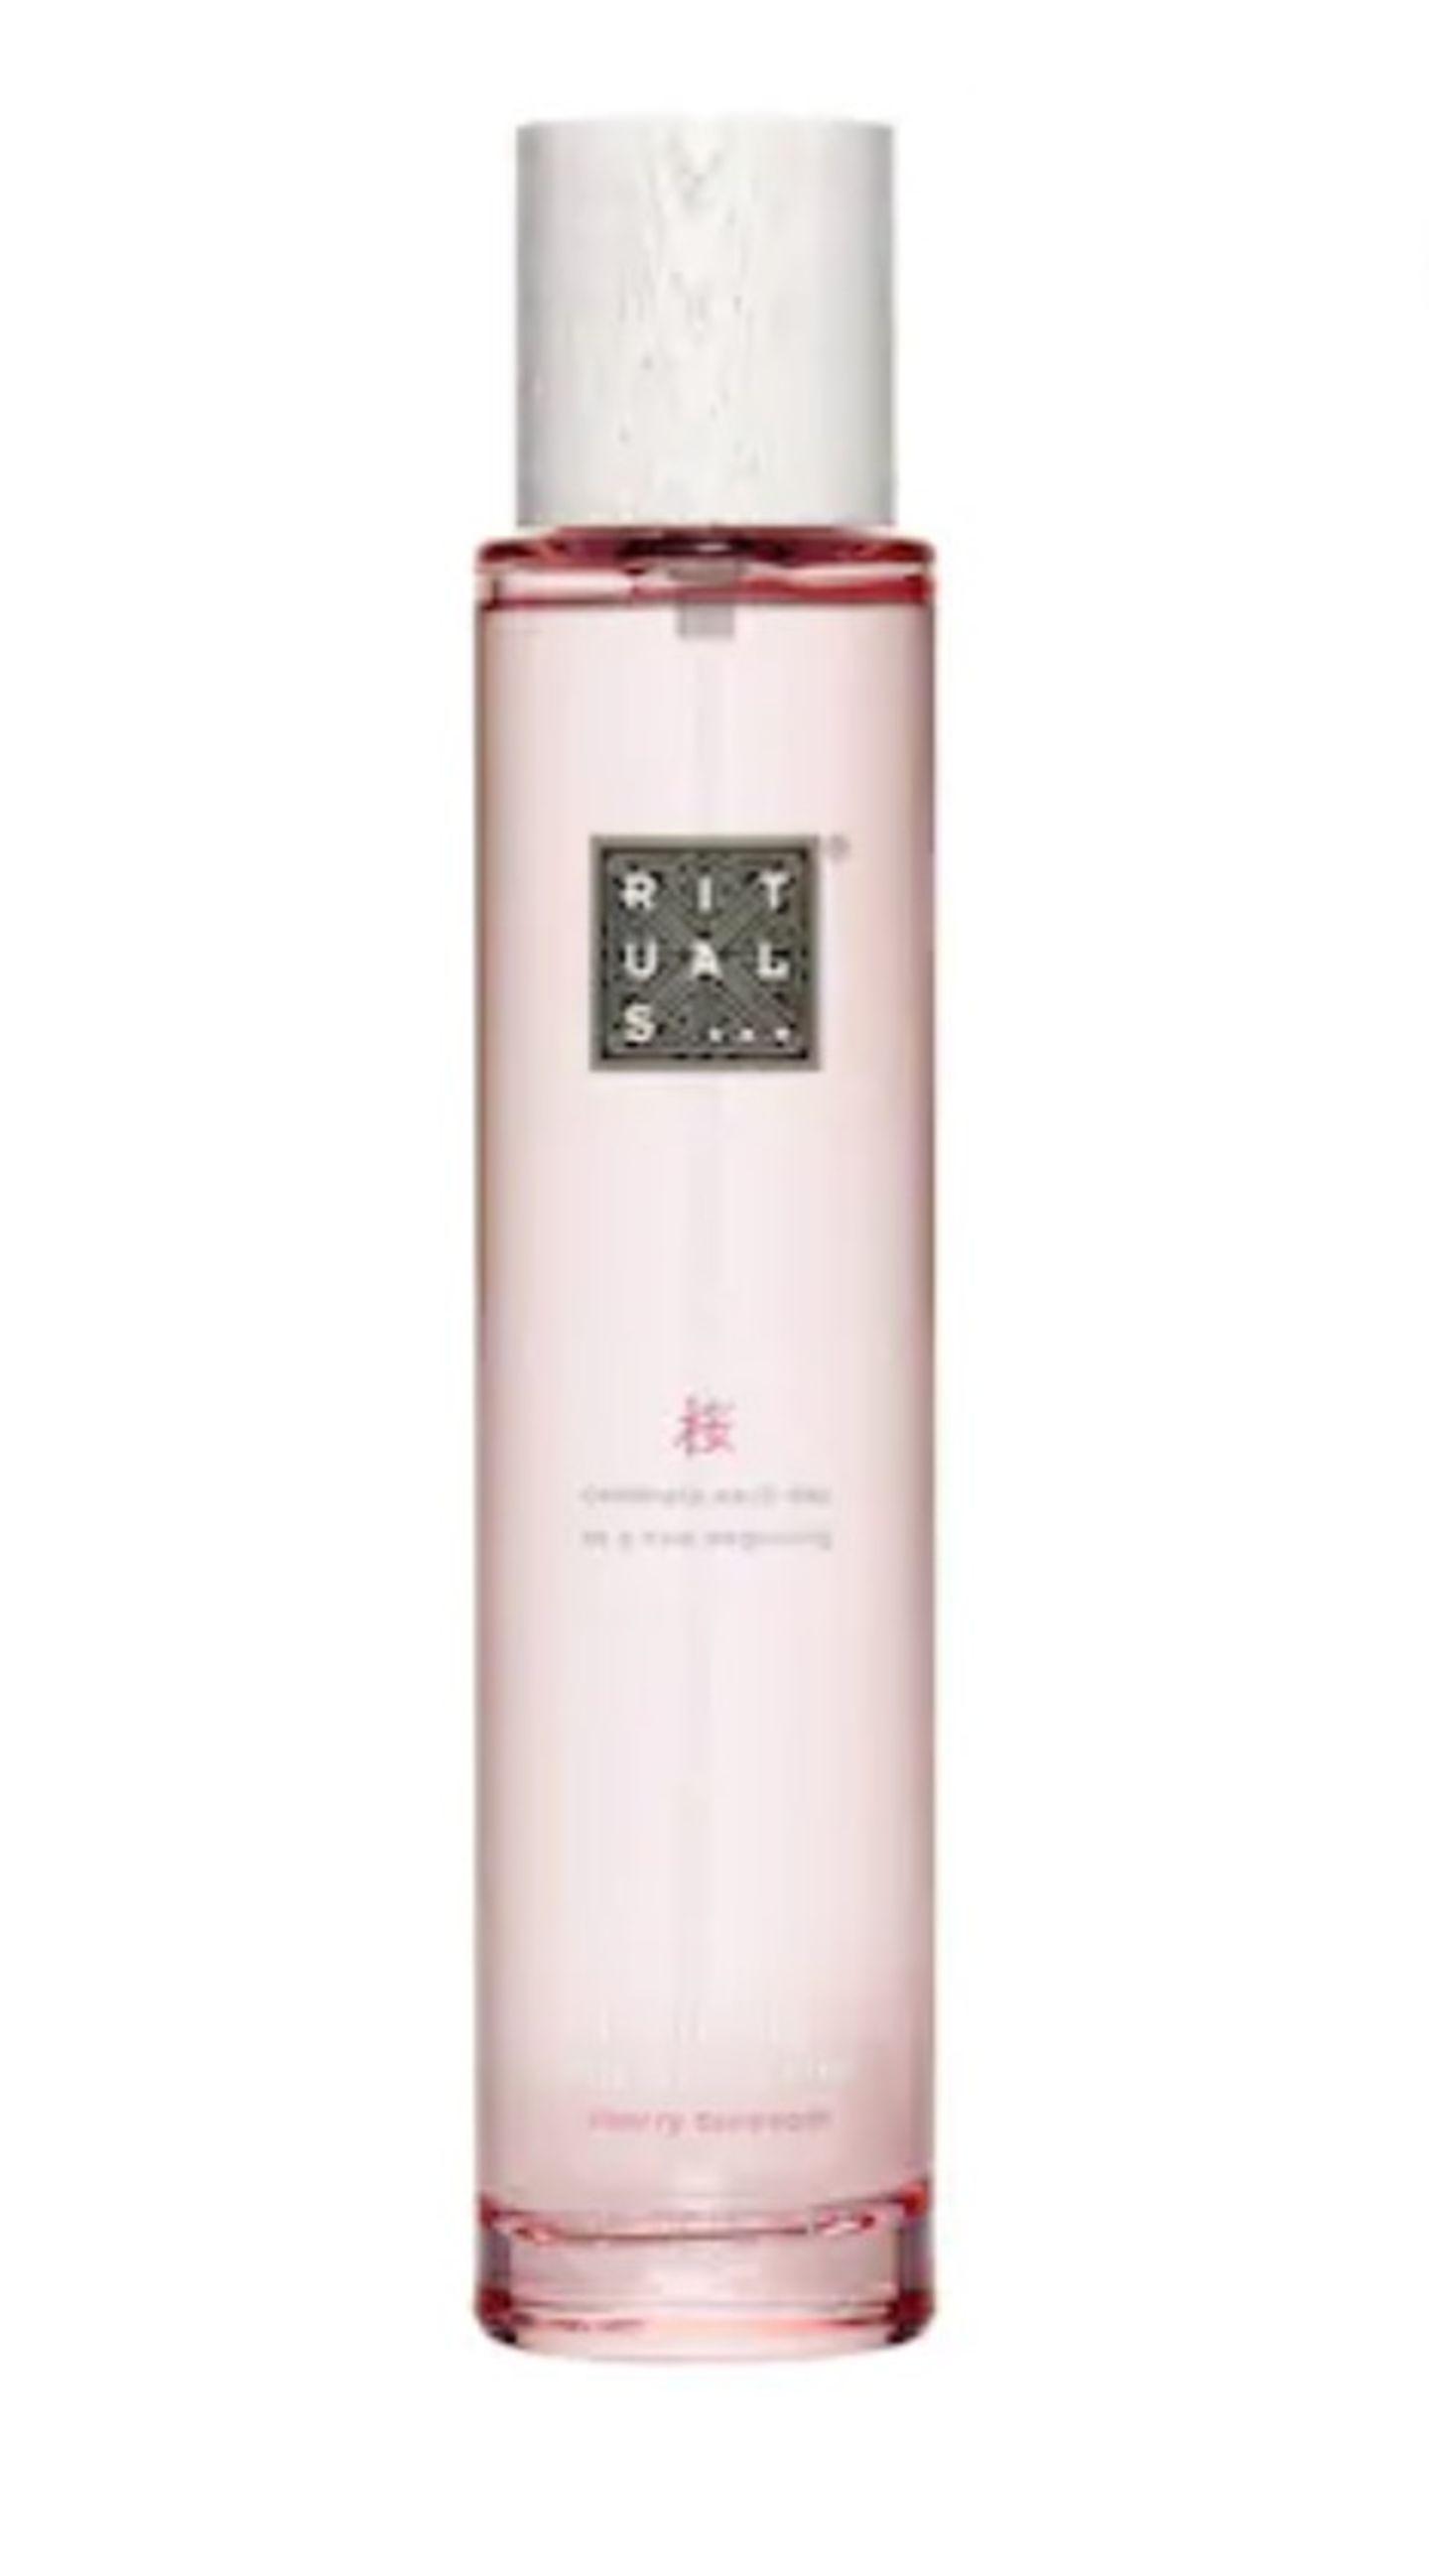 """Die """"Ritual of Sakura""""-Linie von Rituals zählt zu den Bestsellern des Hauses – klar, dass wir auch das Hair &Bodyspray heiß begehren. Der zarte Duft aus Reismilch und Kirschblüte ist aber auch unwiderstehlich. Um 17 Euro."""